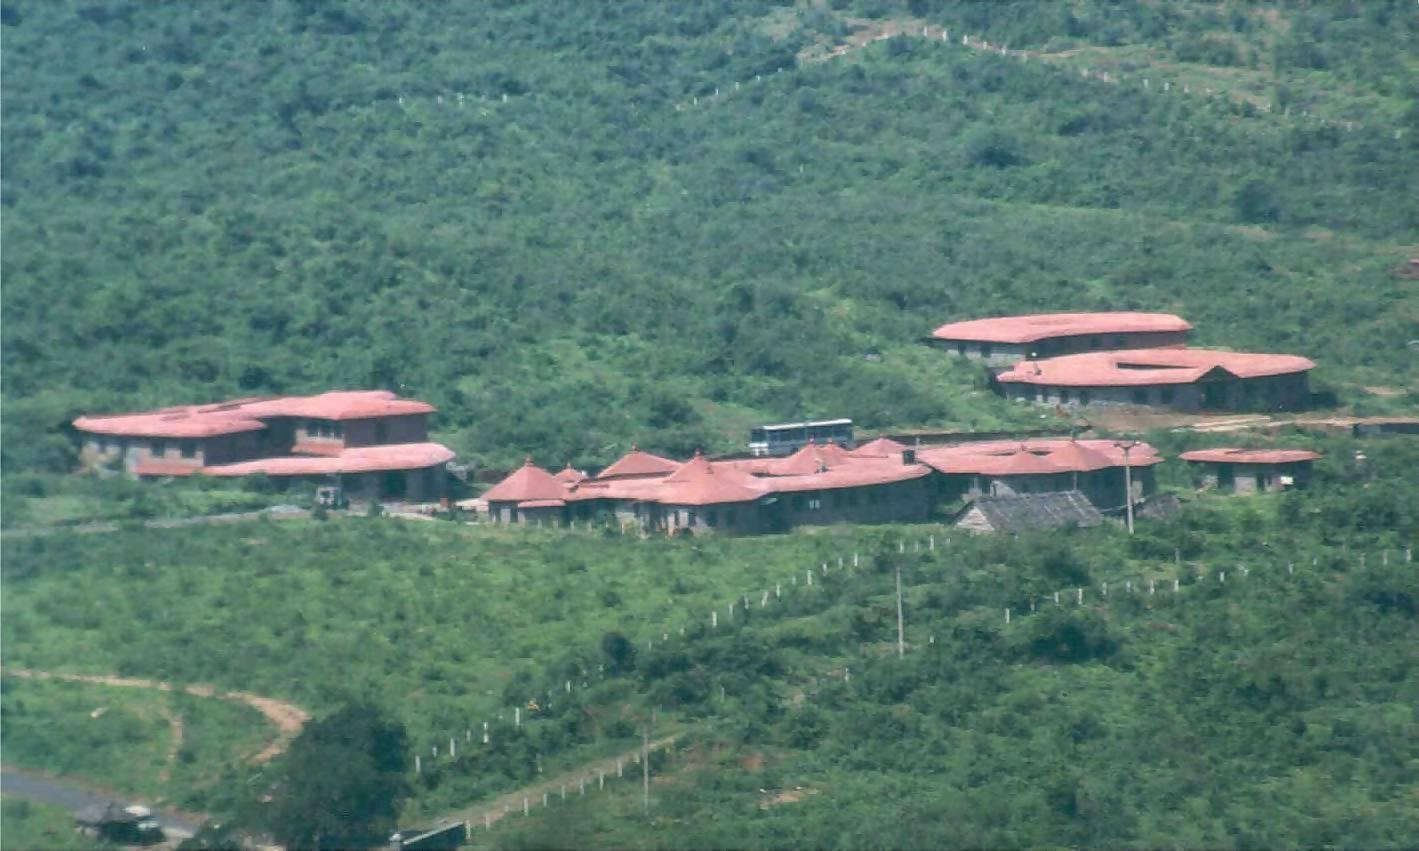 கோவை சலீம் அலி பறவைகள் ஆராய்ச்சி மையம்